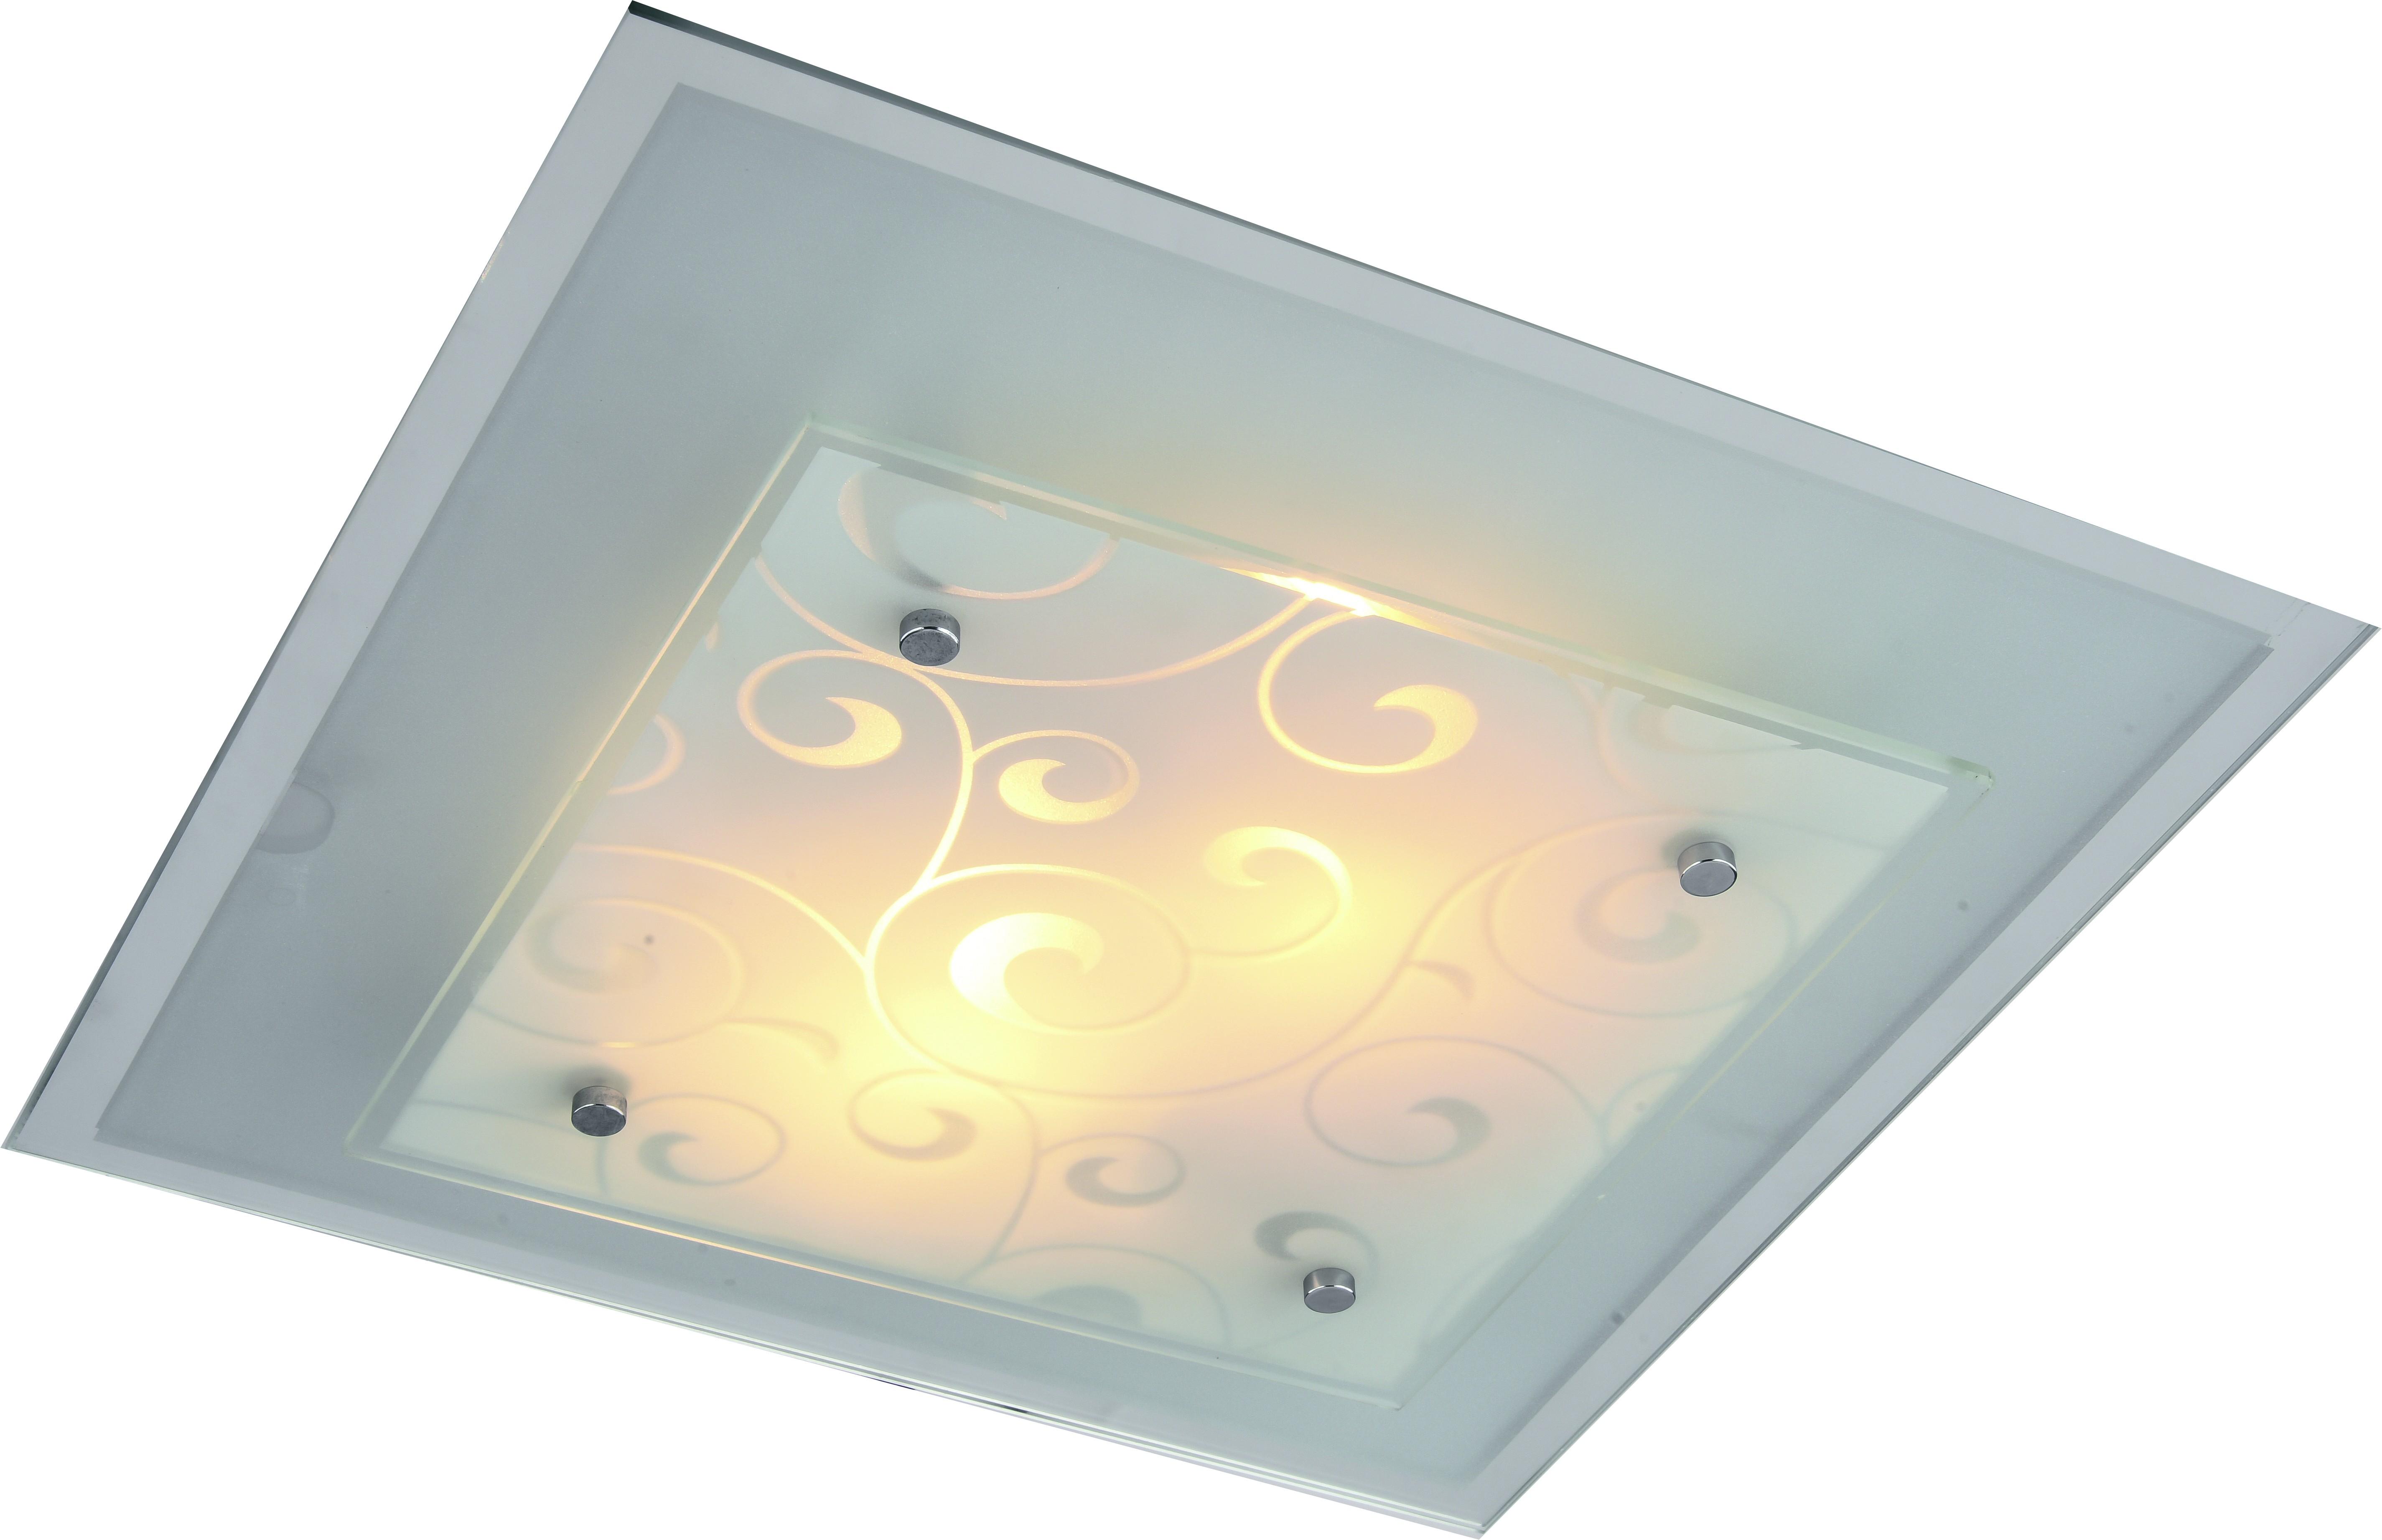 Светильник настенно-потолочный Arte lamp A4807pl-2cc светильник настенно потолочный arte lamp jasmine a4040pl 2cc 2x60вт e27 хром